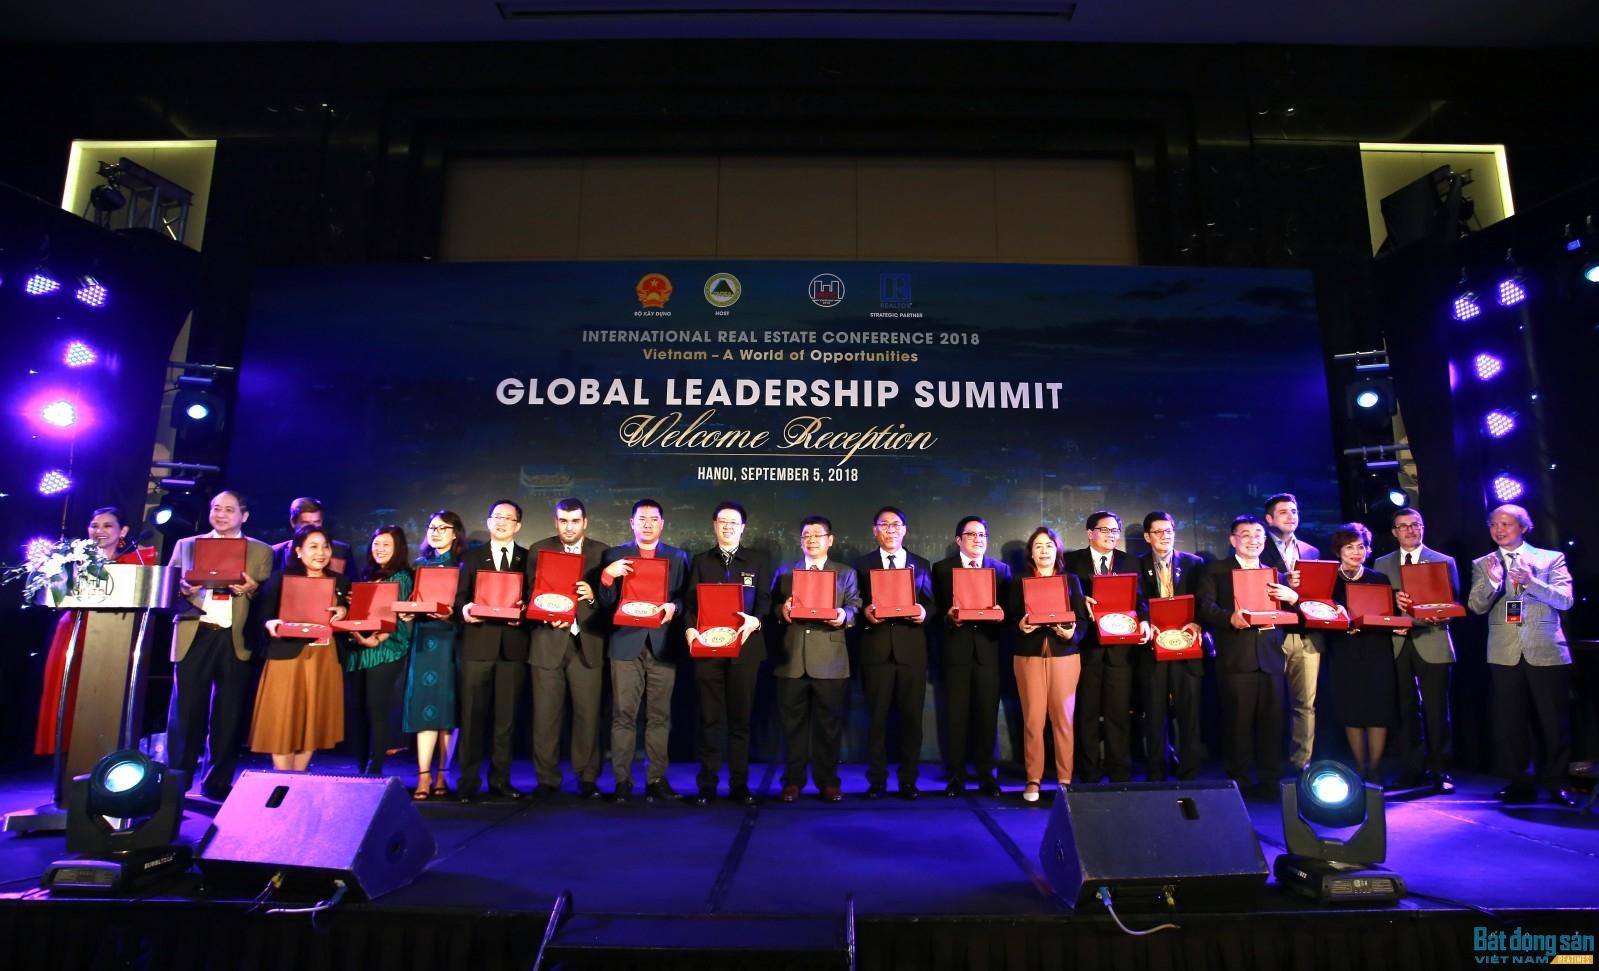 Thay mặt Hiệp hội Bất động sản Việt Nam, Chủ tịch Nguyễn Trần Nam đã tặng kỷ niệm chương cho các nhà tài trợ đồng hành cùng Hội nghị.